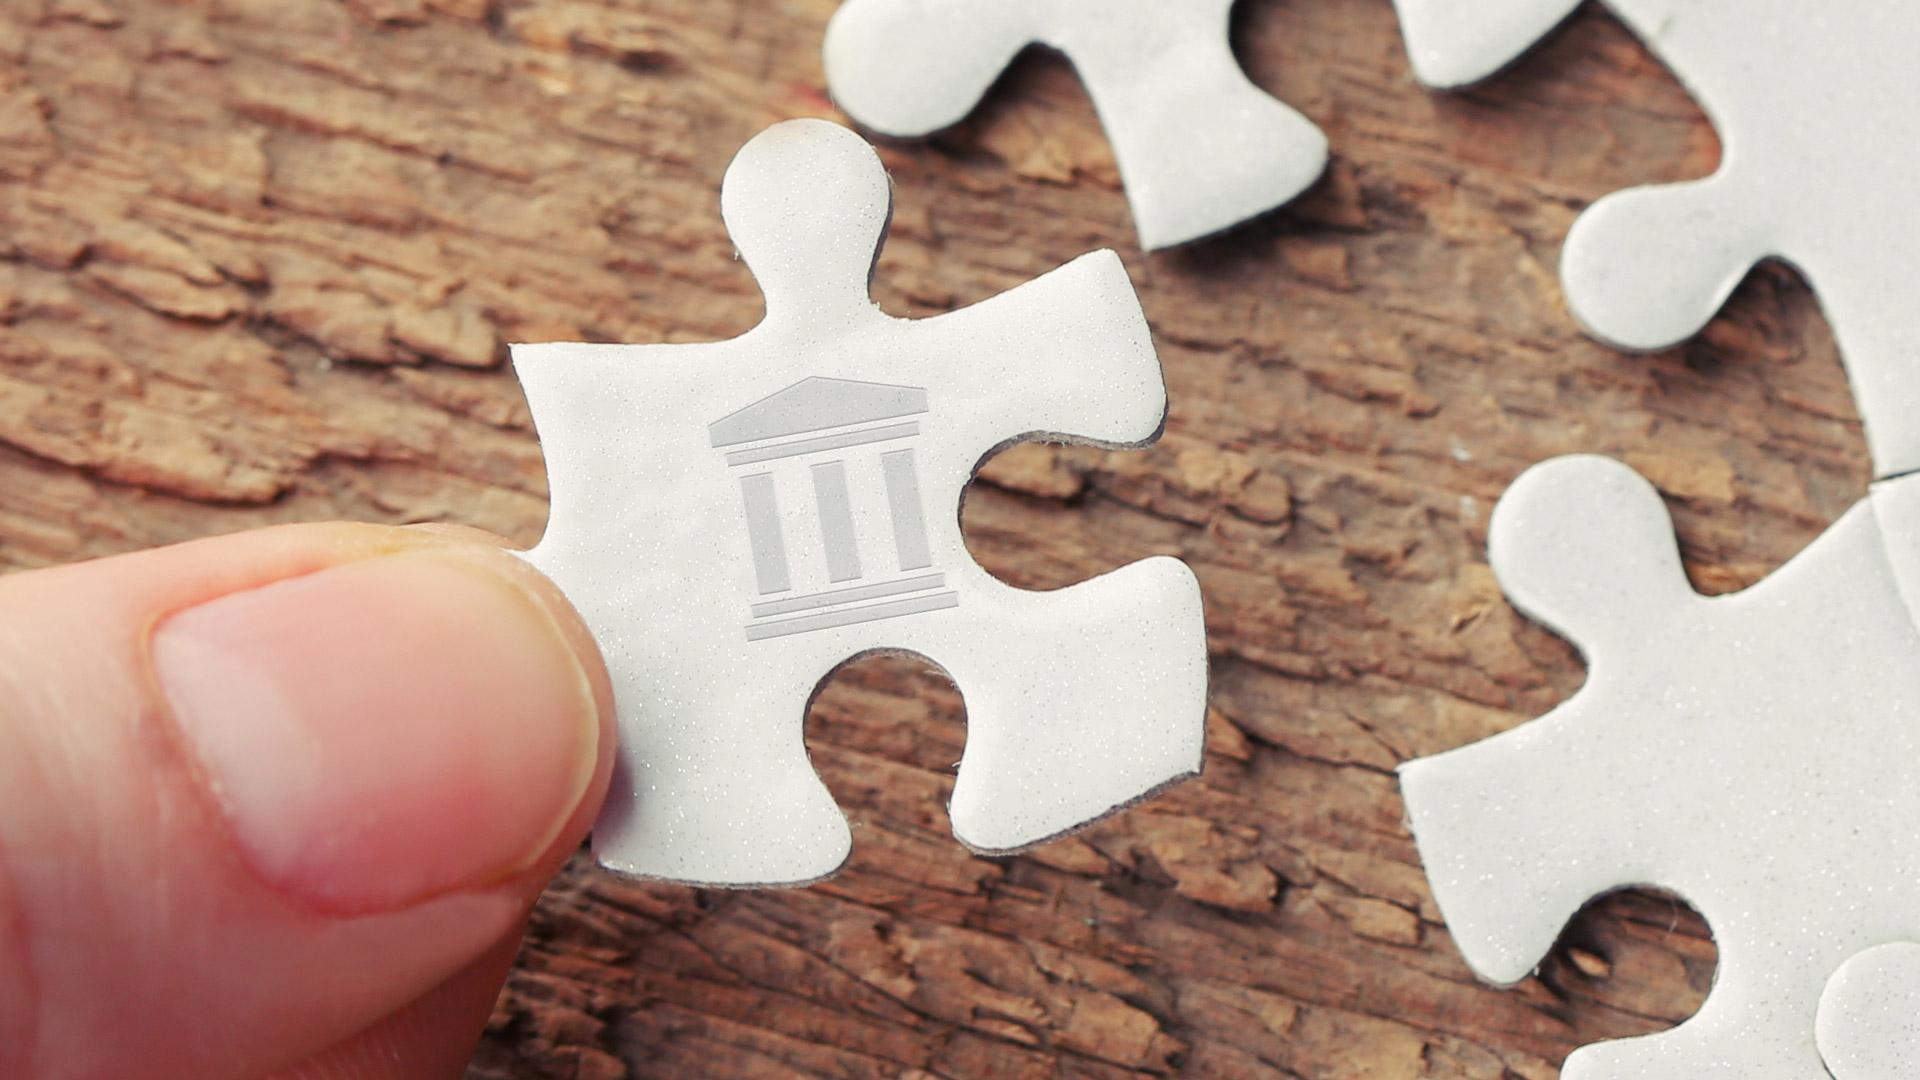 Herausforderungen des demografischen Wandels für die Versicherungswirtschaft